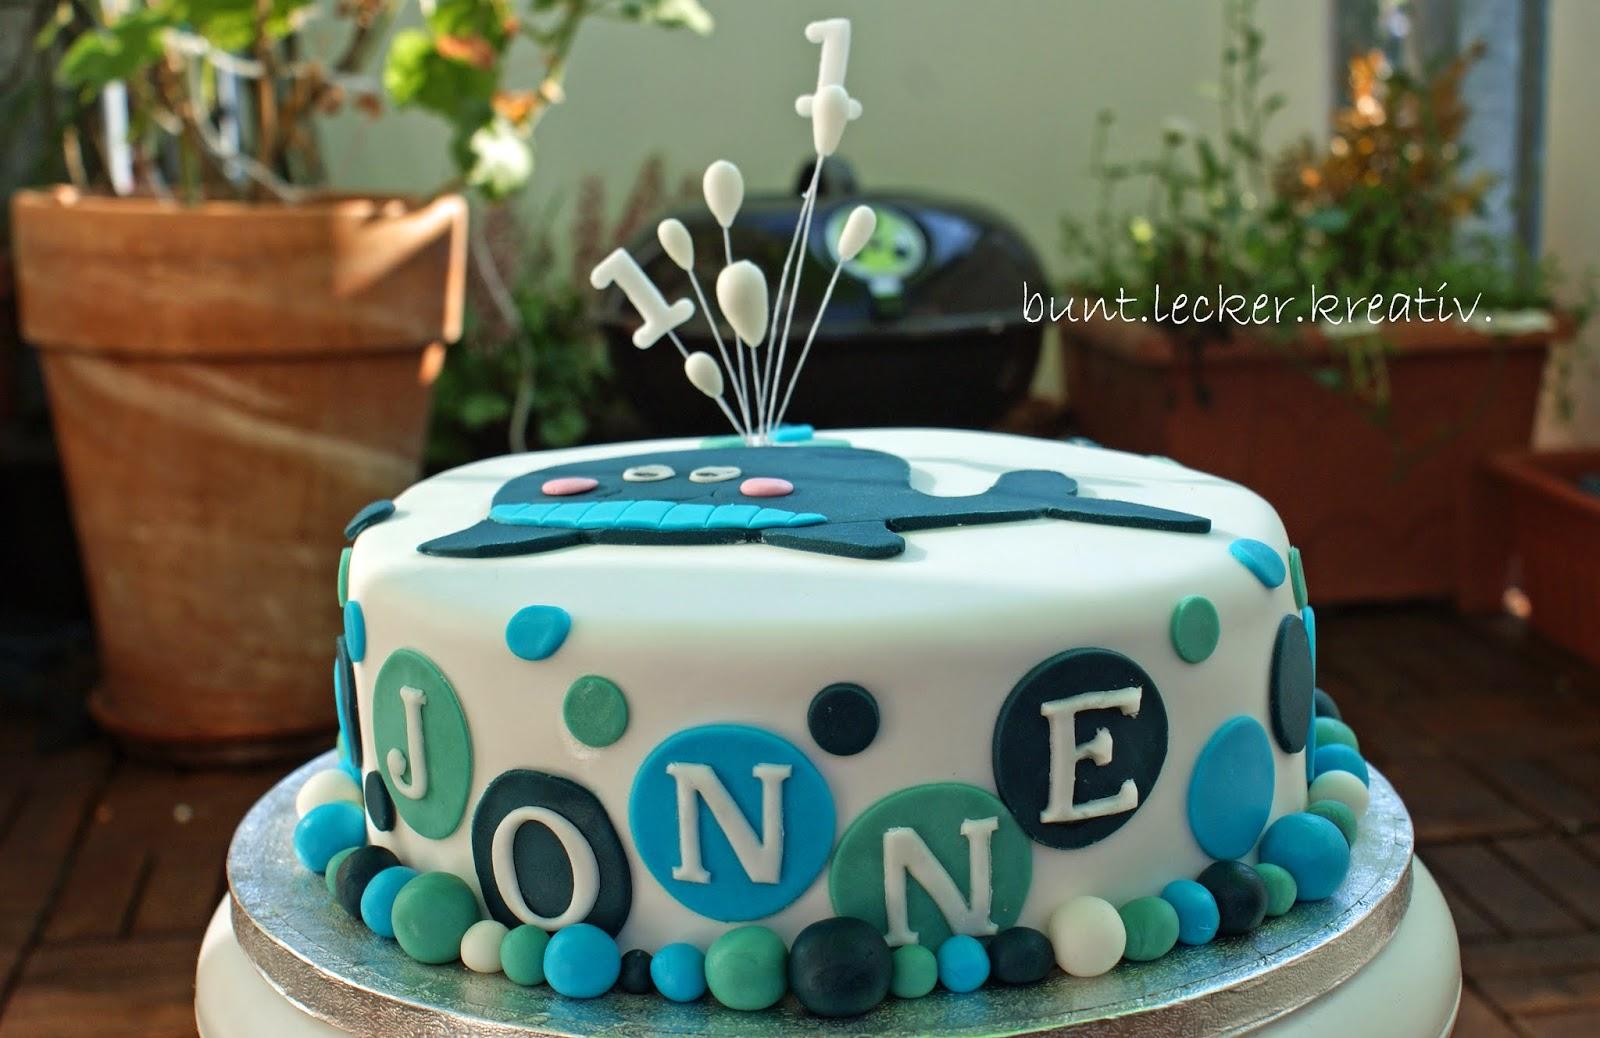 buntleckerkreativ Wal Torte zum 1 Geburtstag